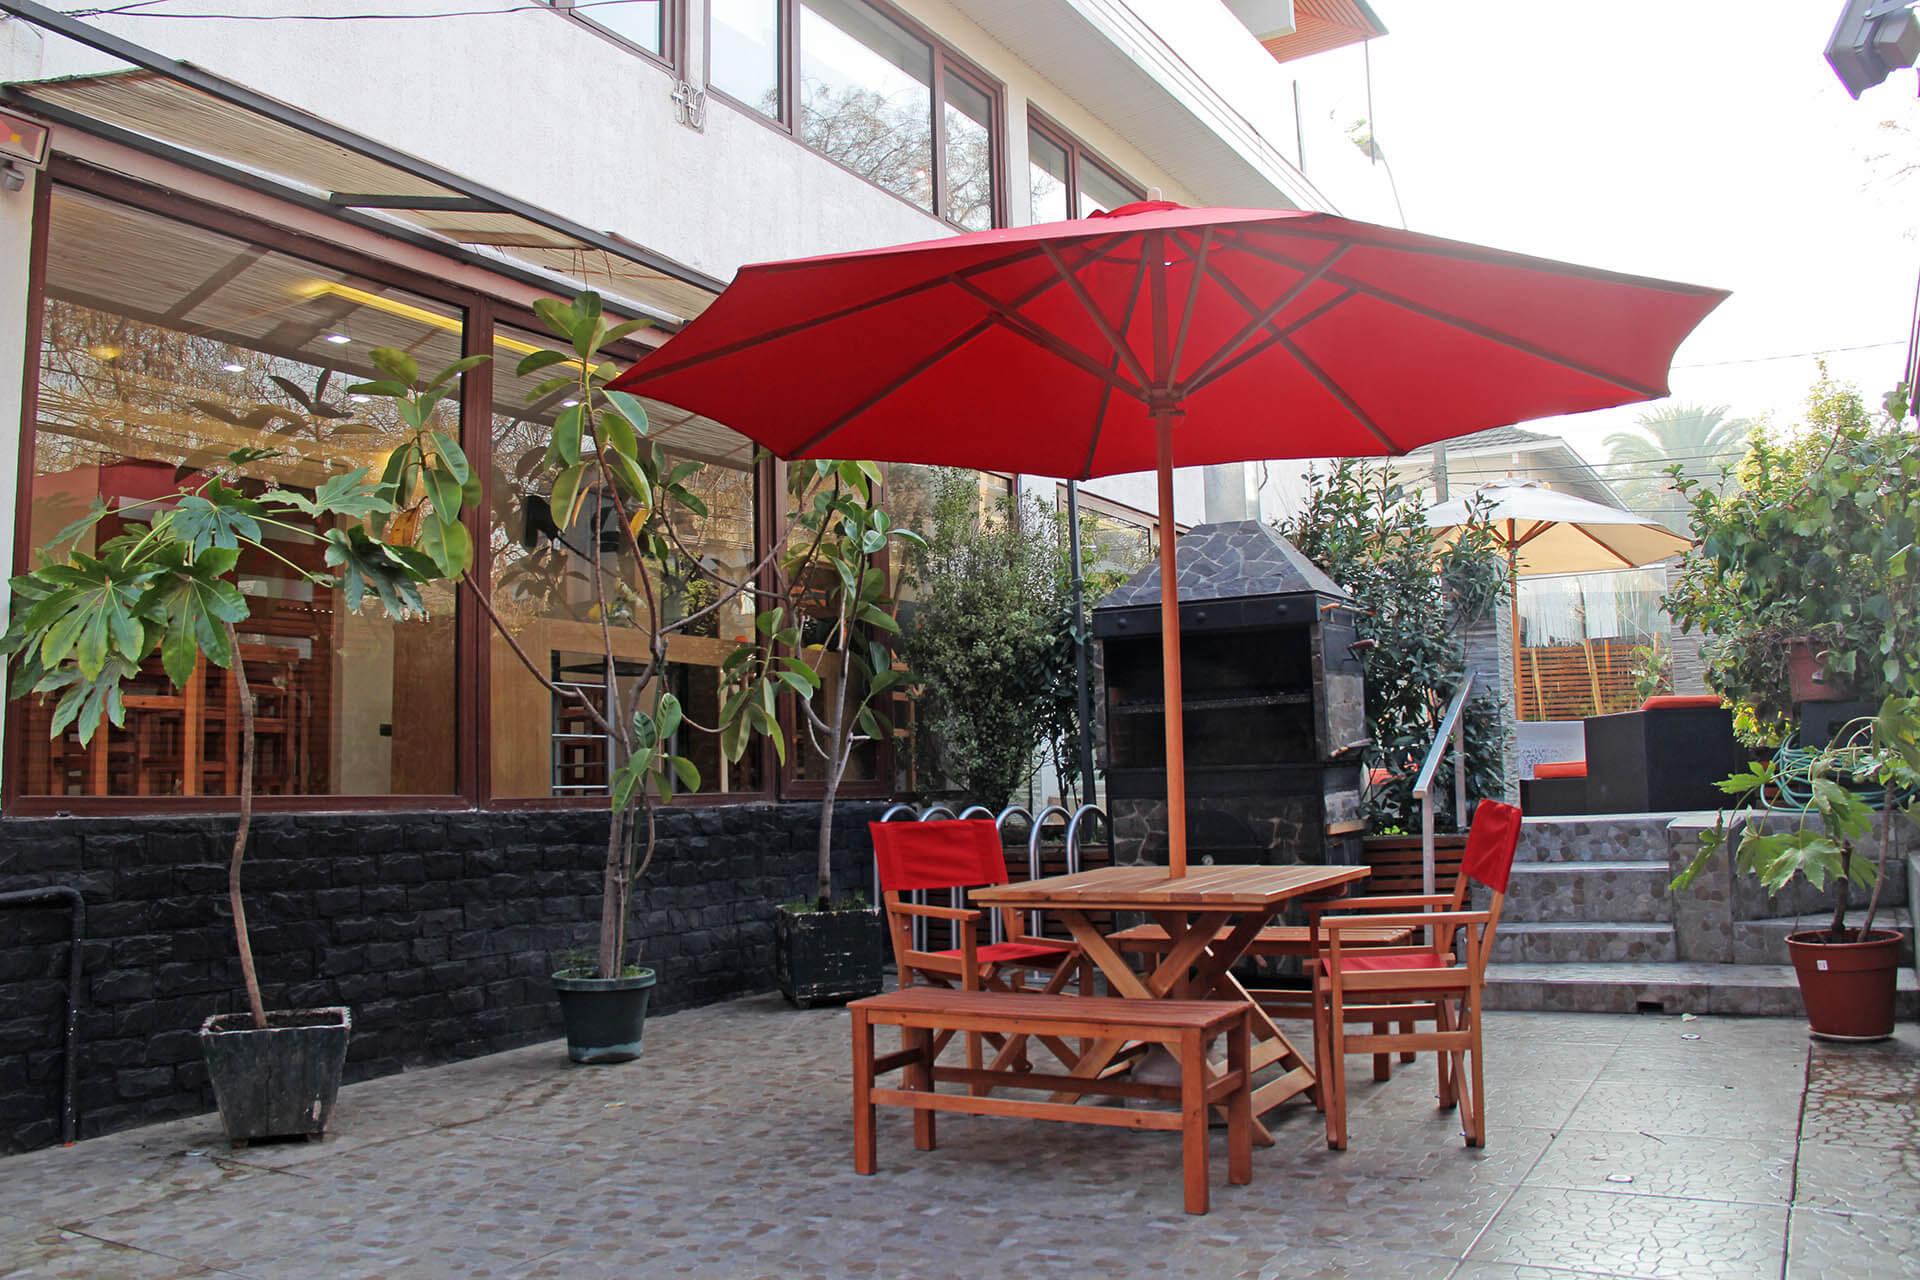 terraza toldo rojo a comedor